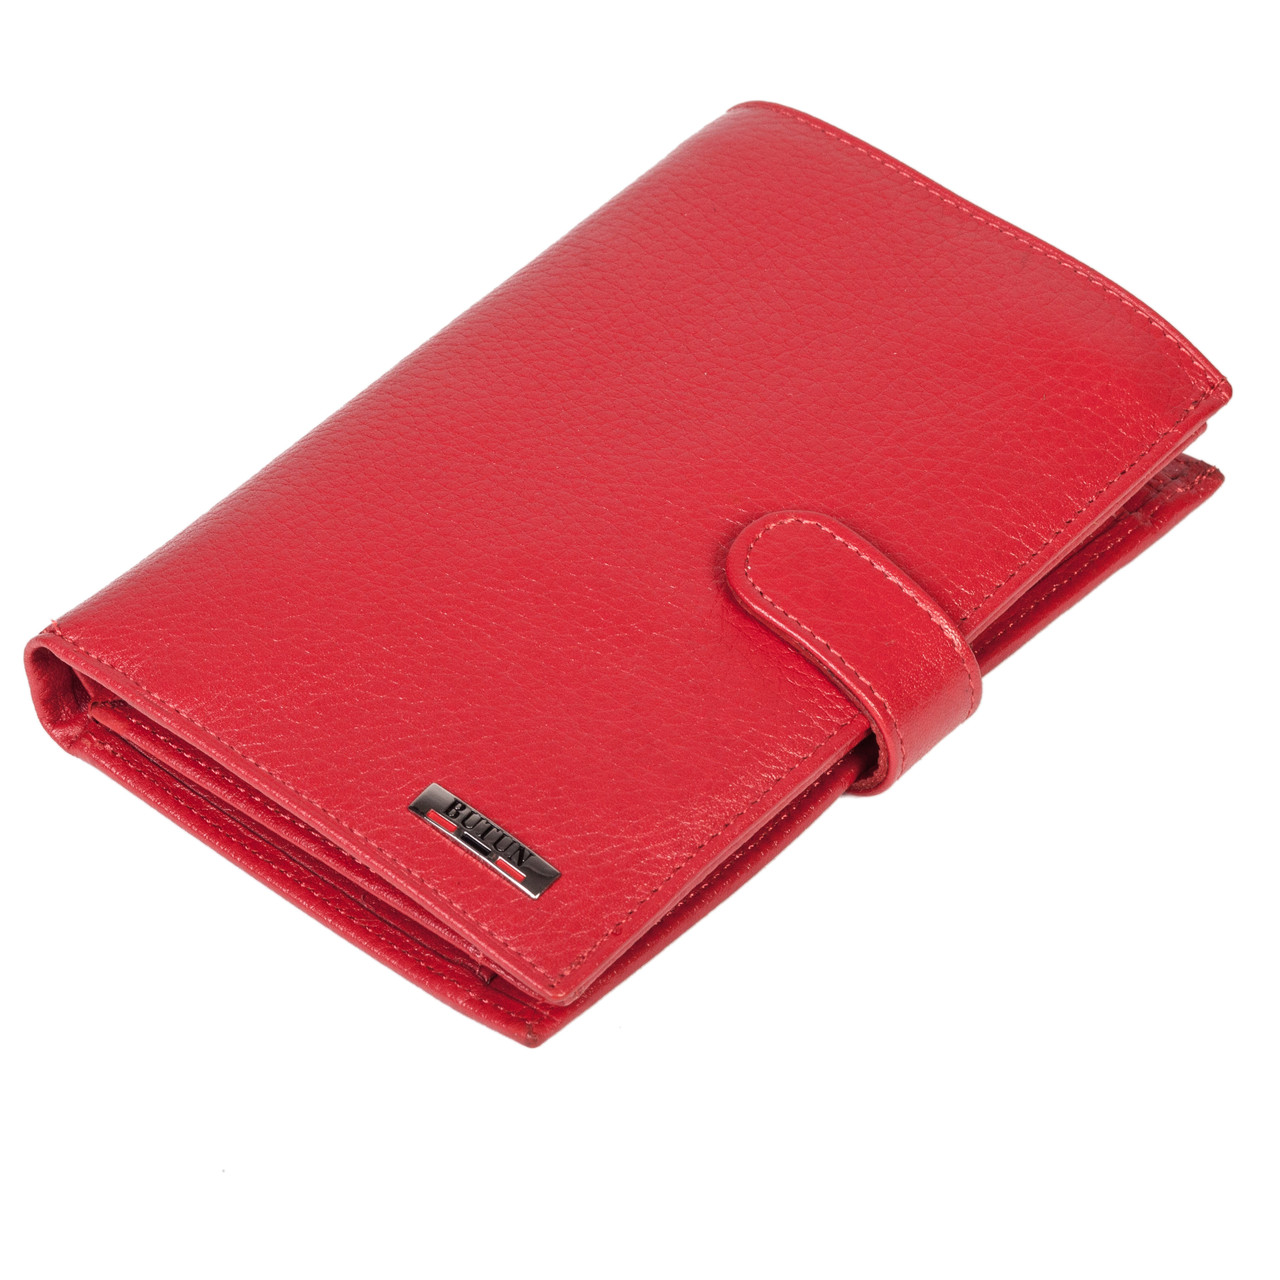 Женский кошелек Butun 189-004-006 с отделением для паспорта